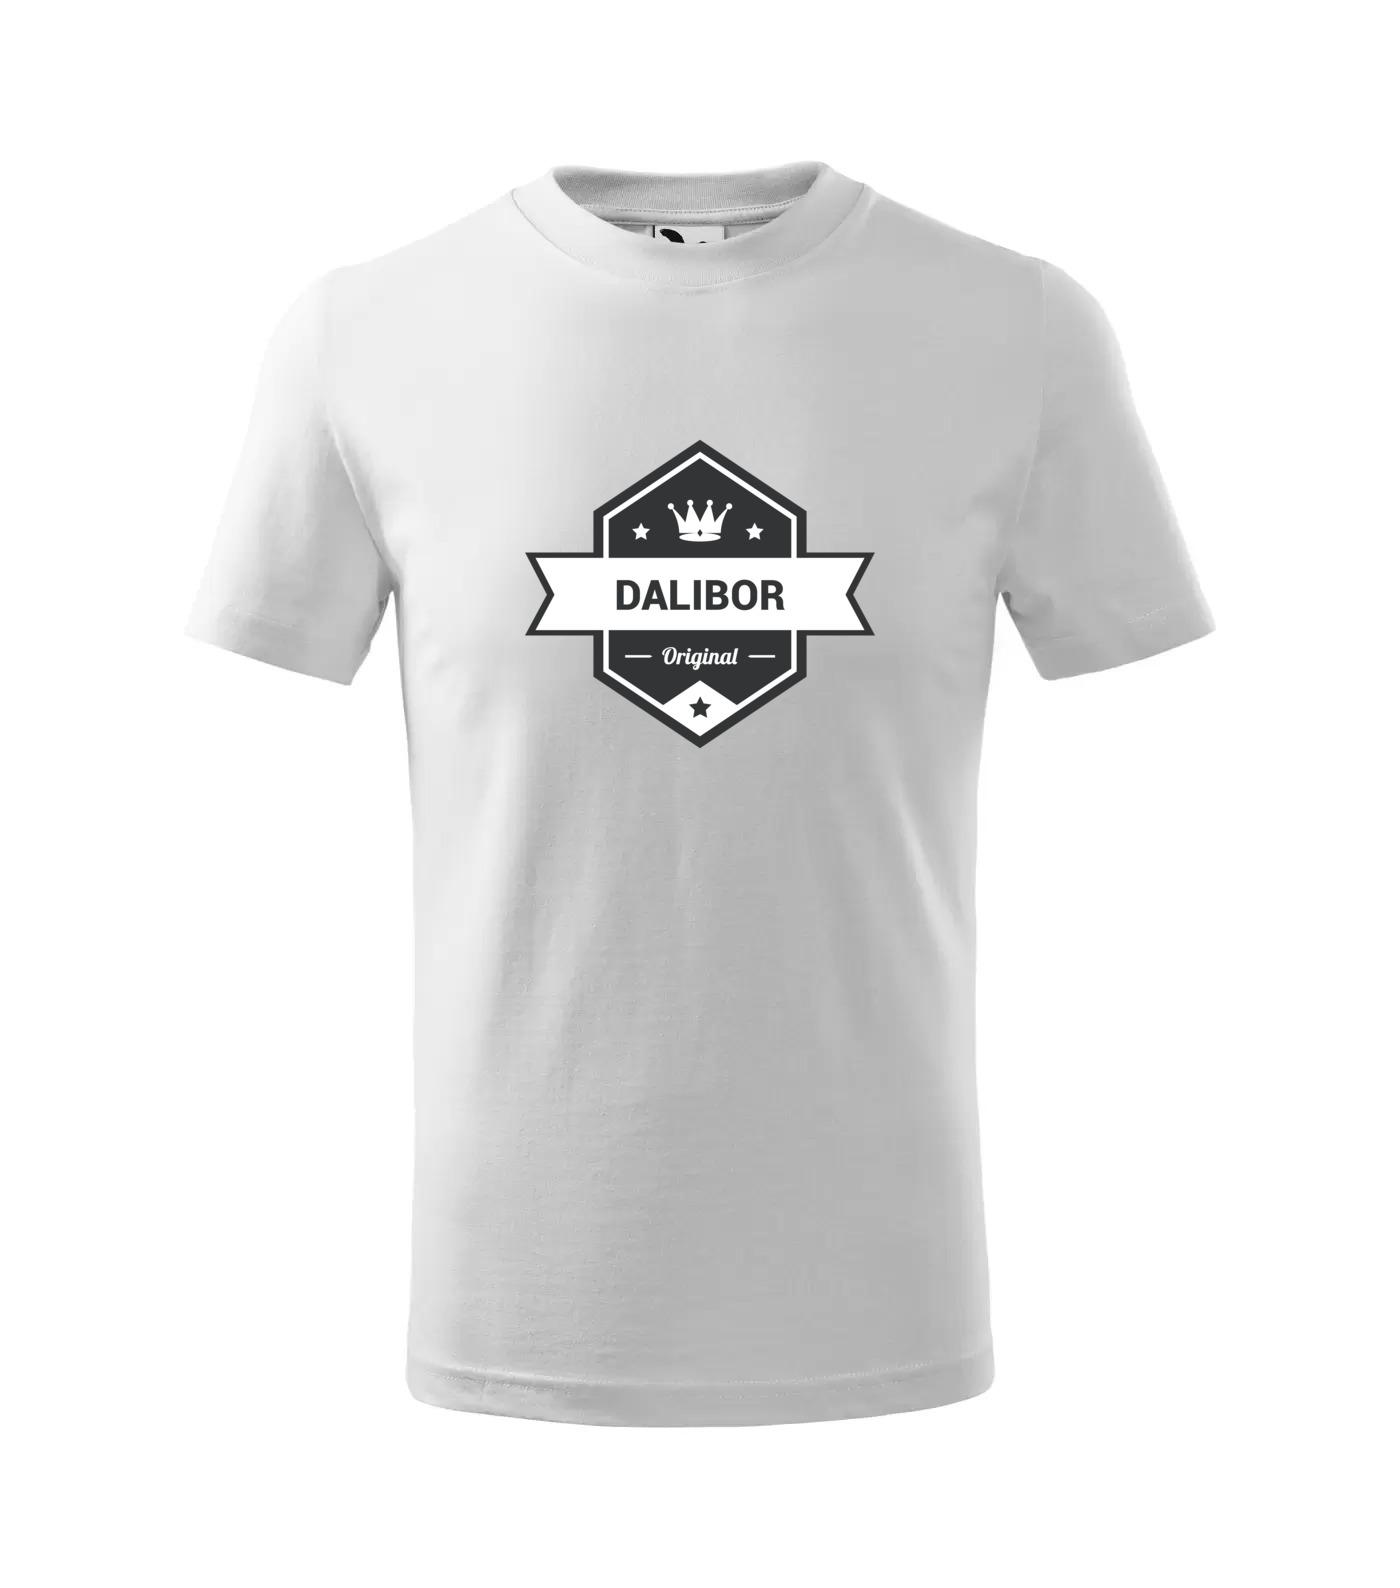 Tričko King Dalibor